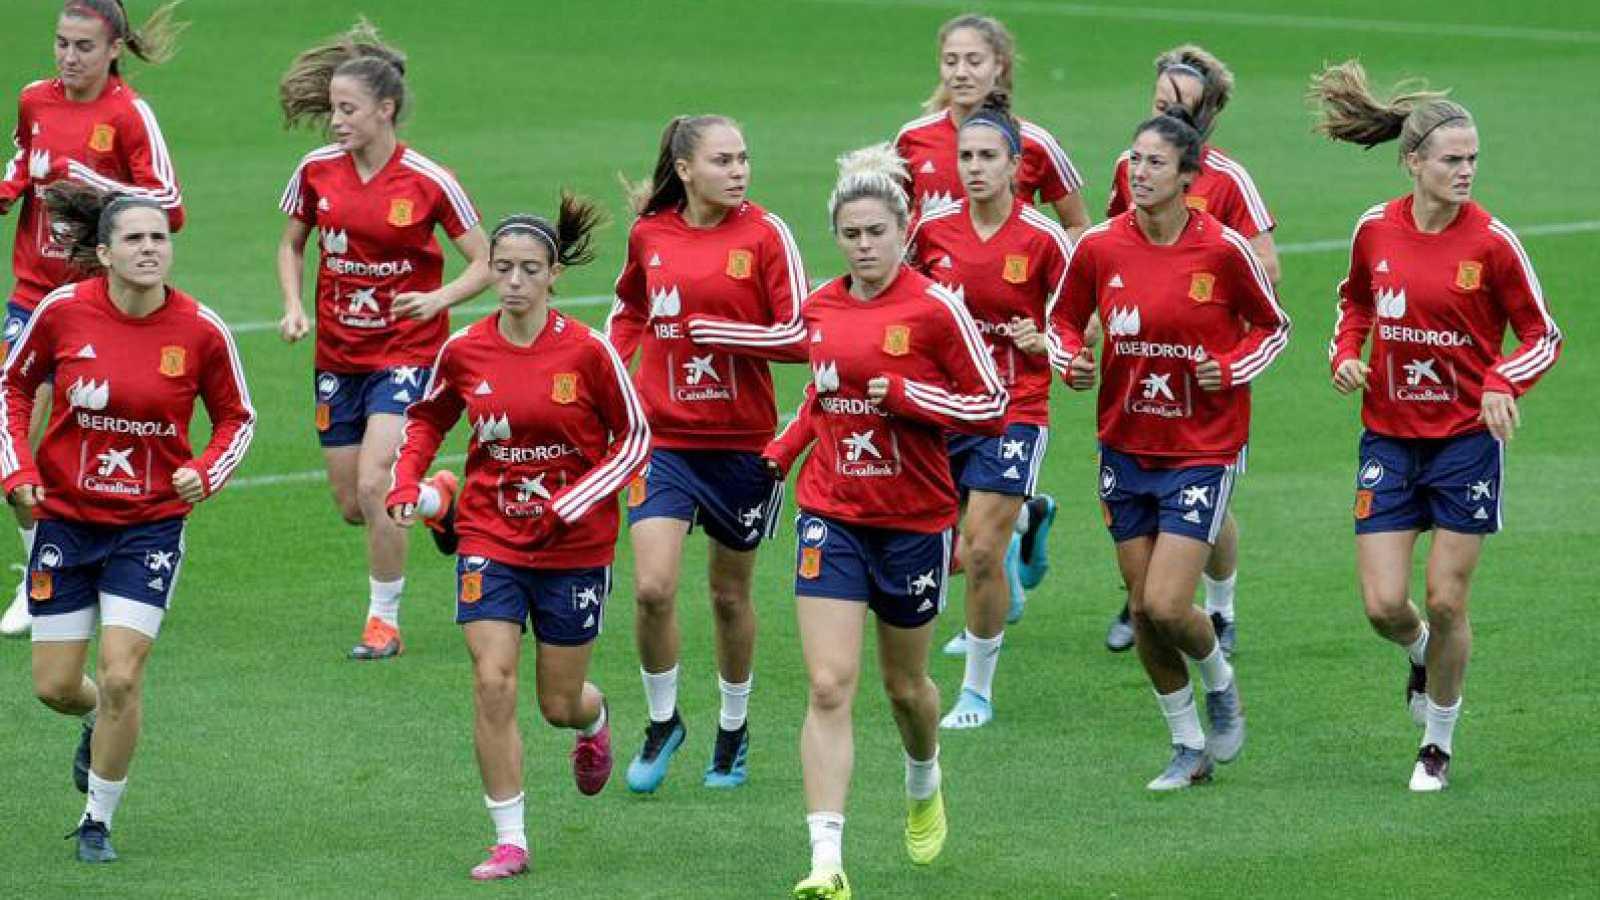 descuento especial de hacer un pedido nueva selección La selección femenina de fútbol busca un triunfo valioso en Praga